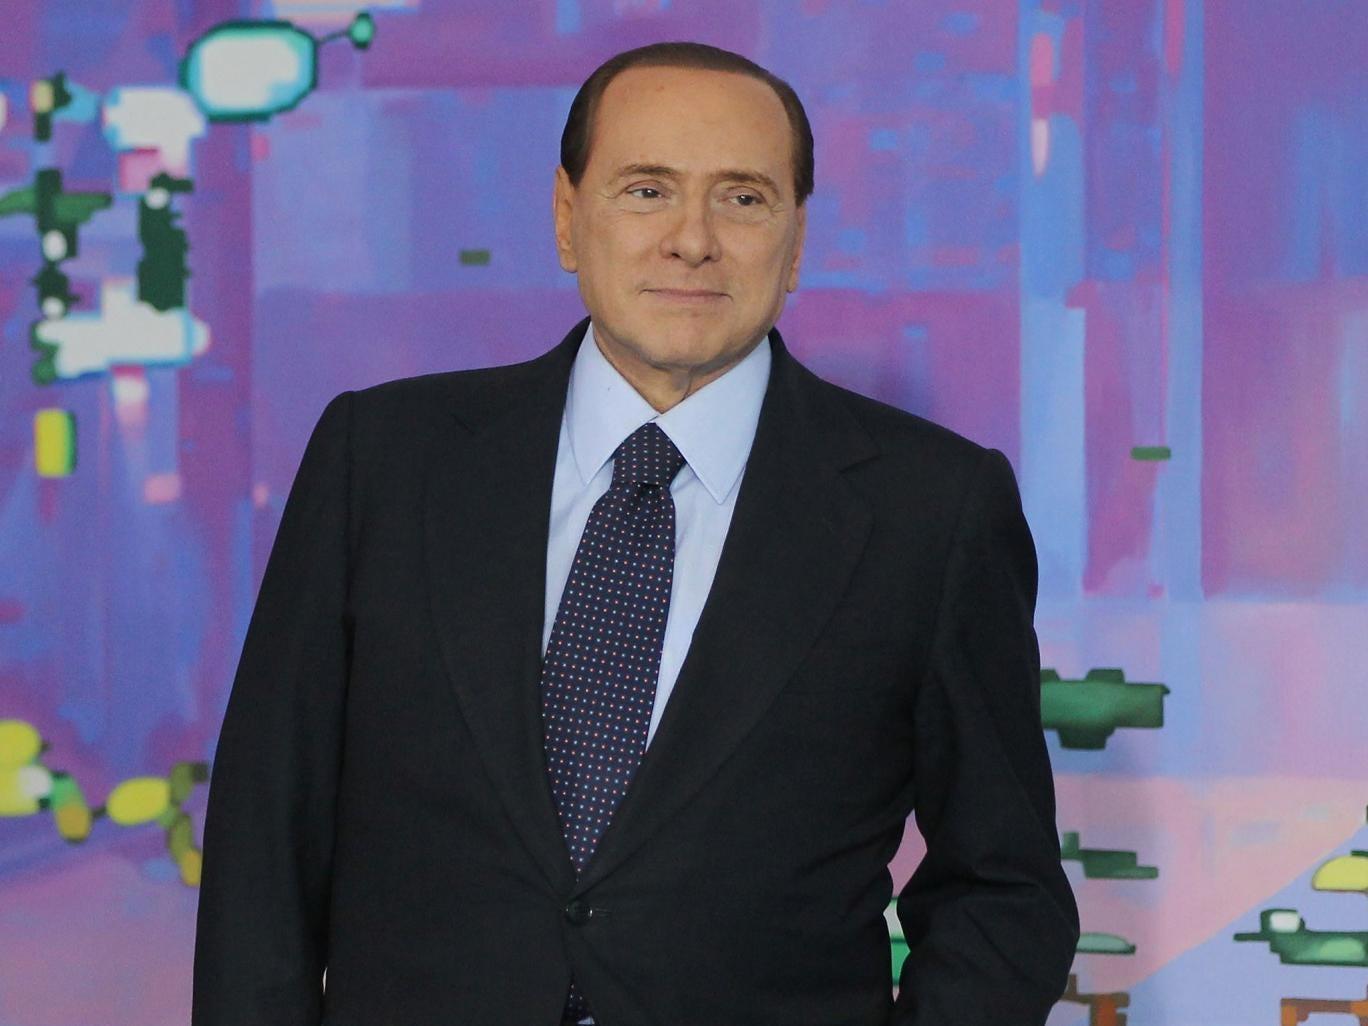 The former Italian premier, Silvio Berlusconi, has called off his political attack dogs